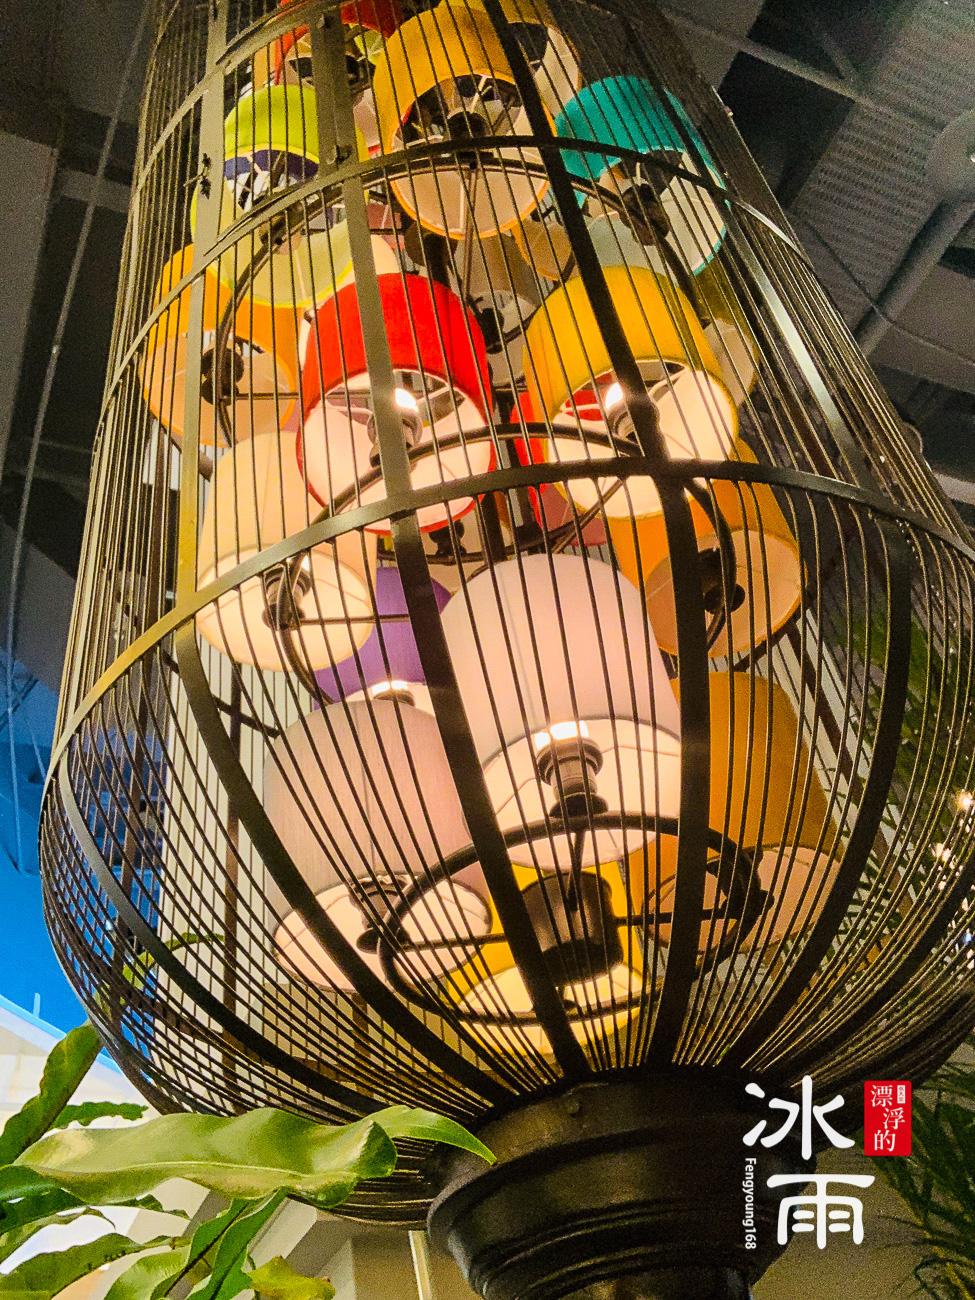 這是一個燈具,裡面多彩的裝飾燈罩,表現出泰國的設計感